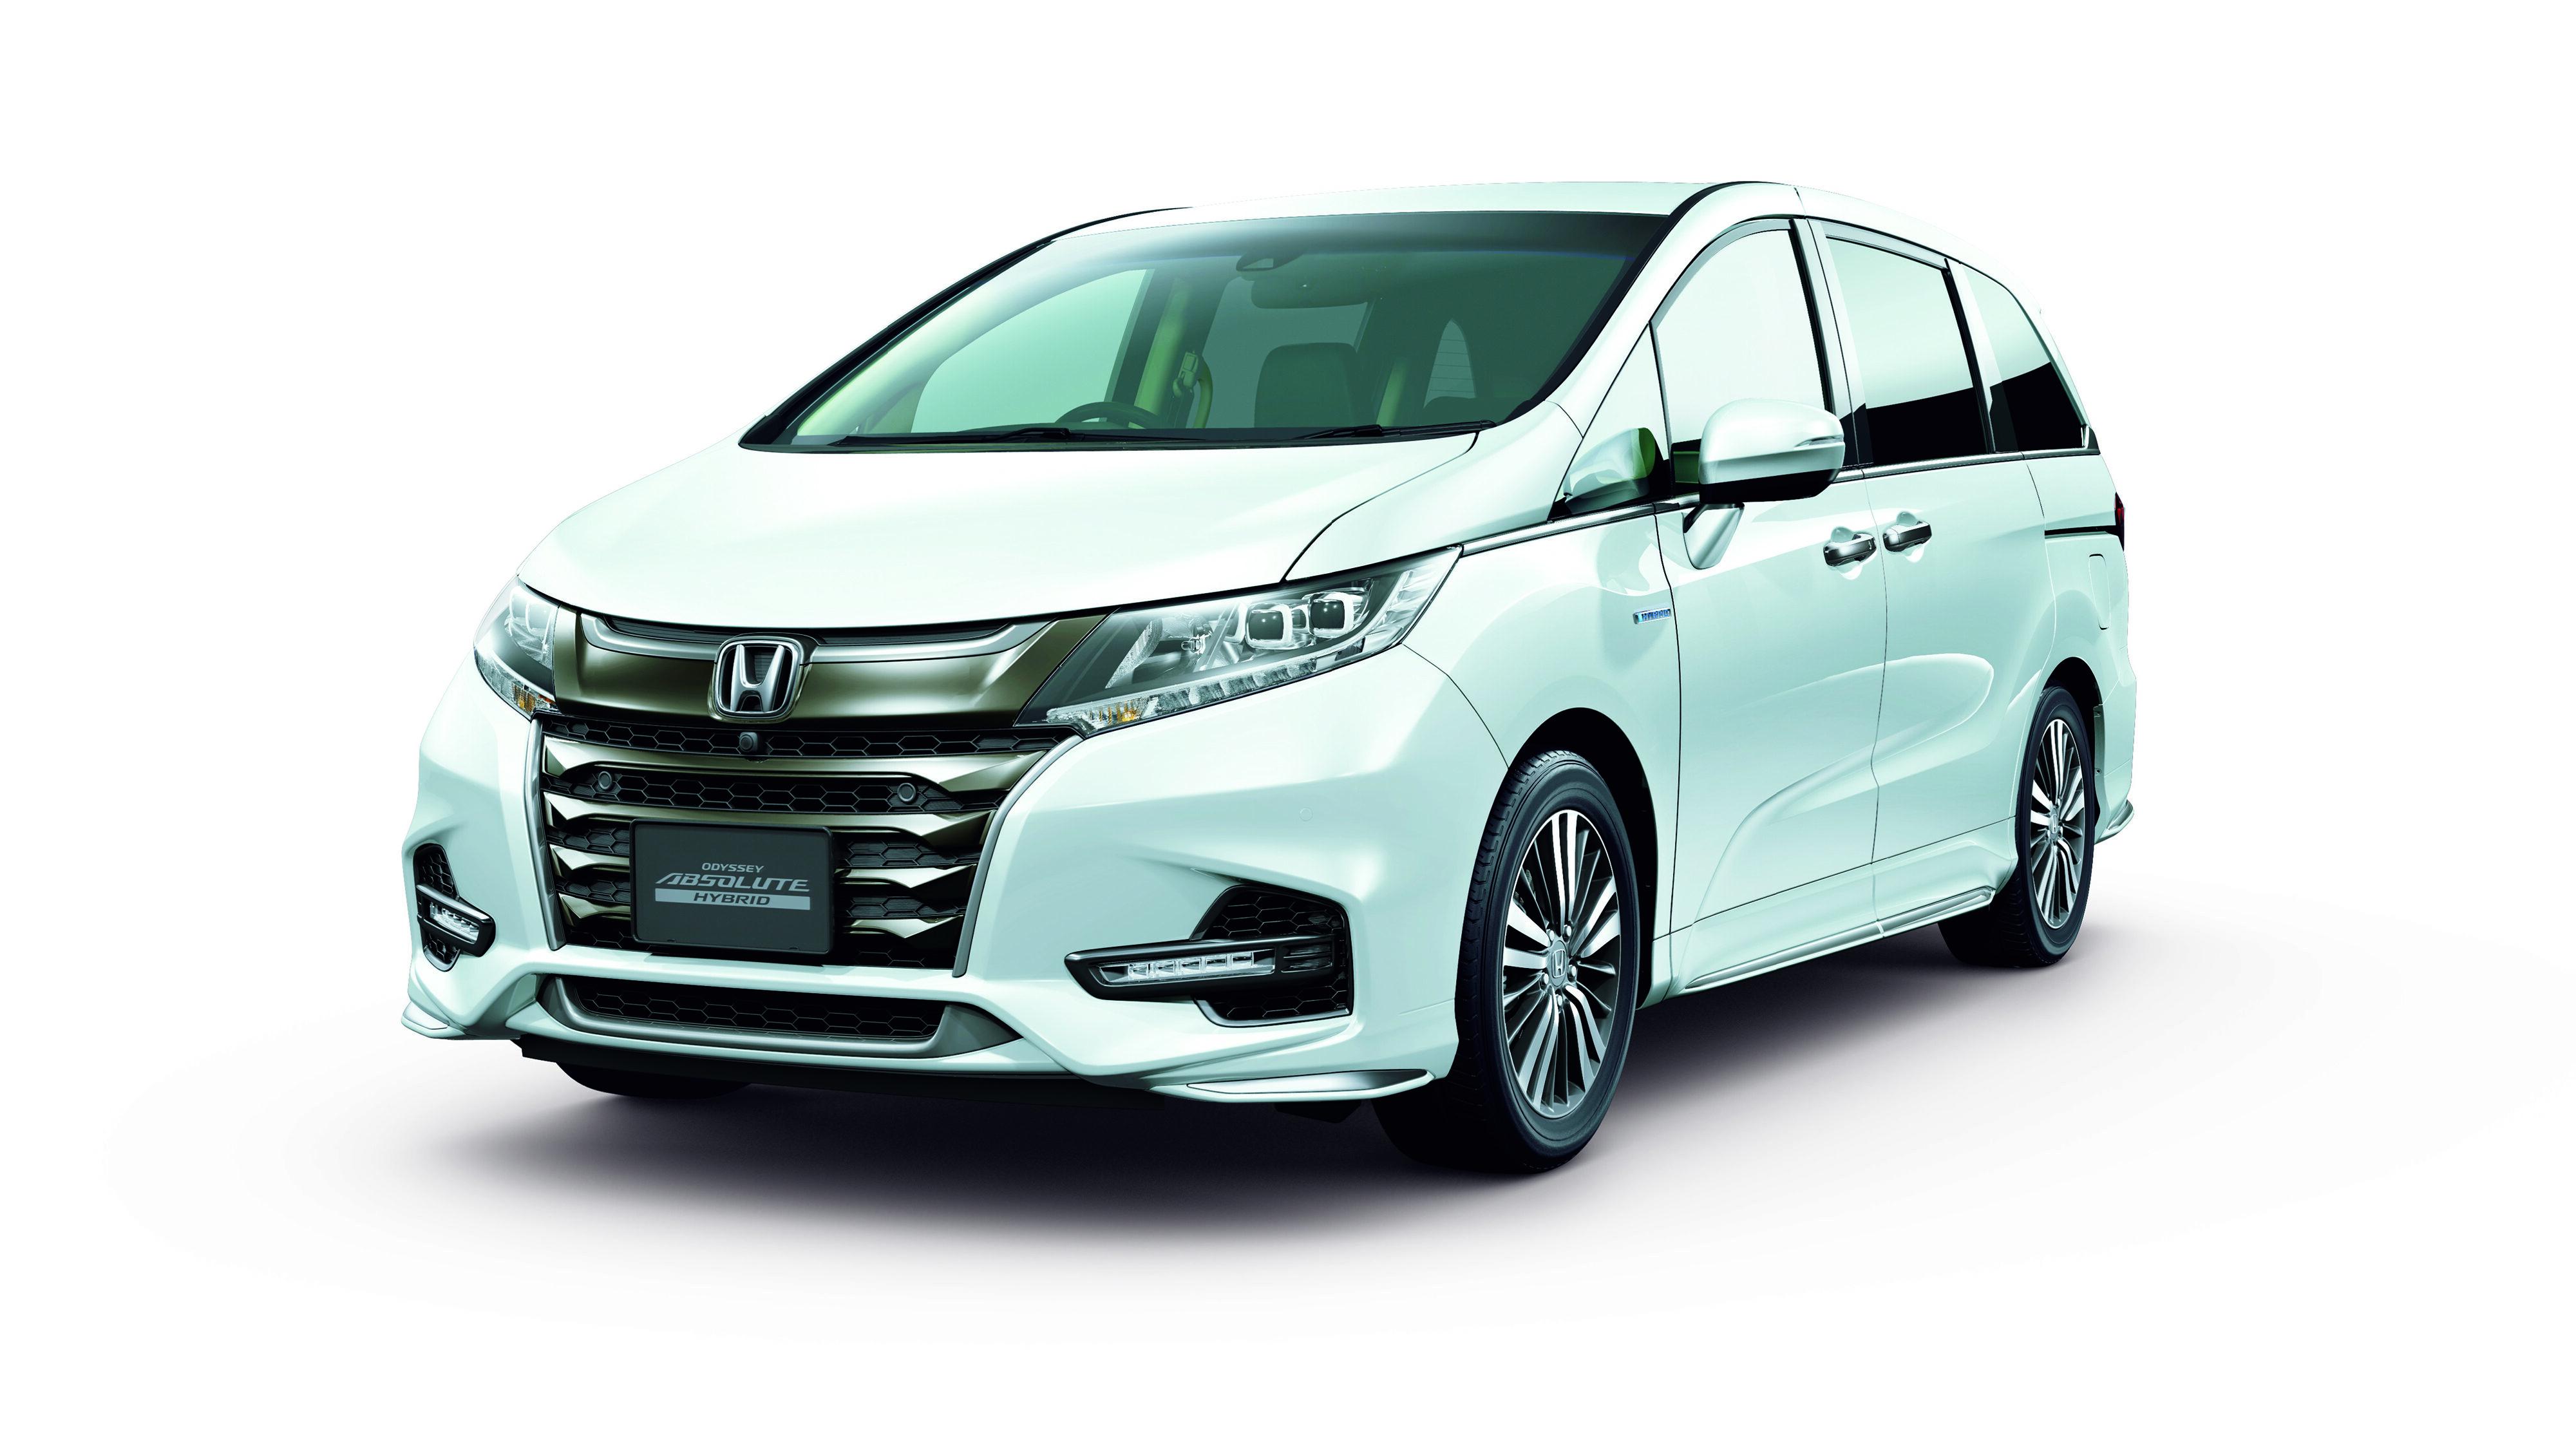 ホンダ オデッセイ HYBRID ABSOLUTE・EX Honda SENSING